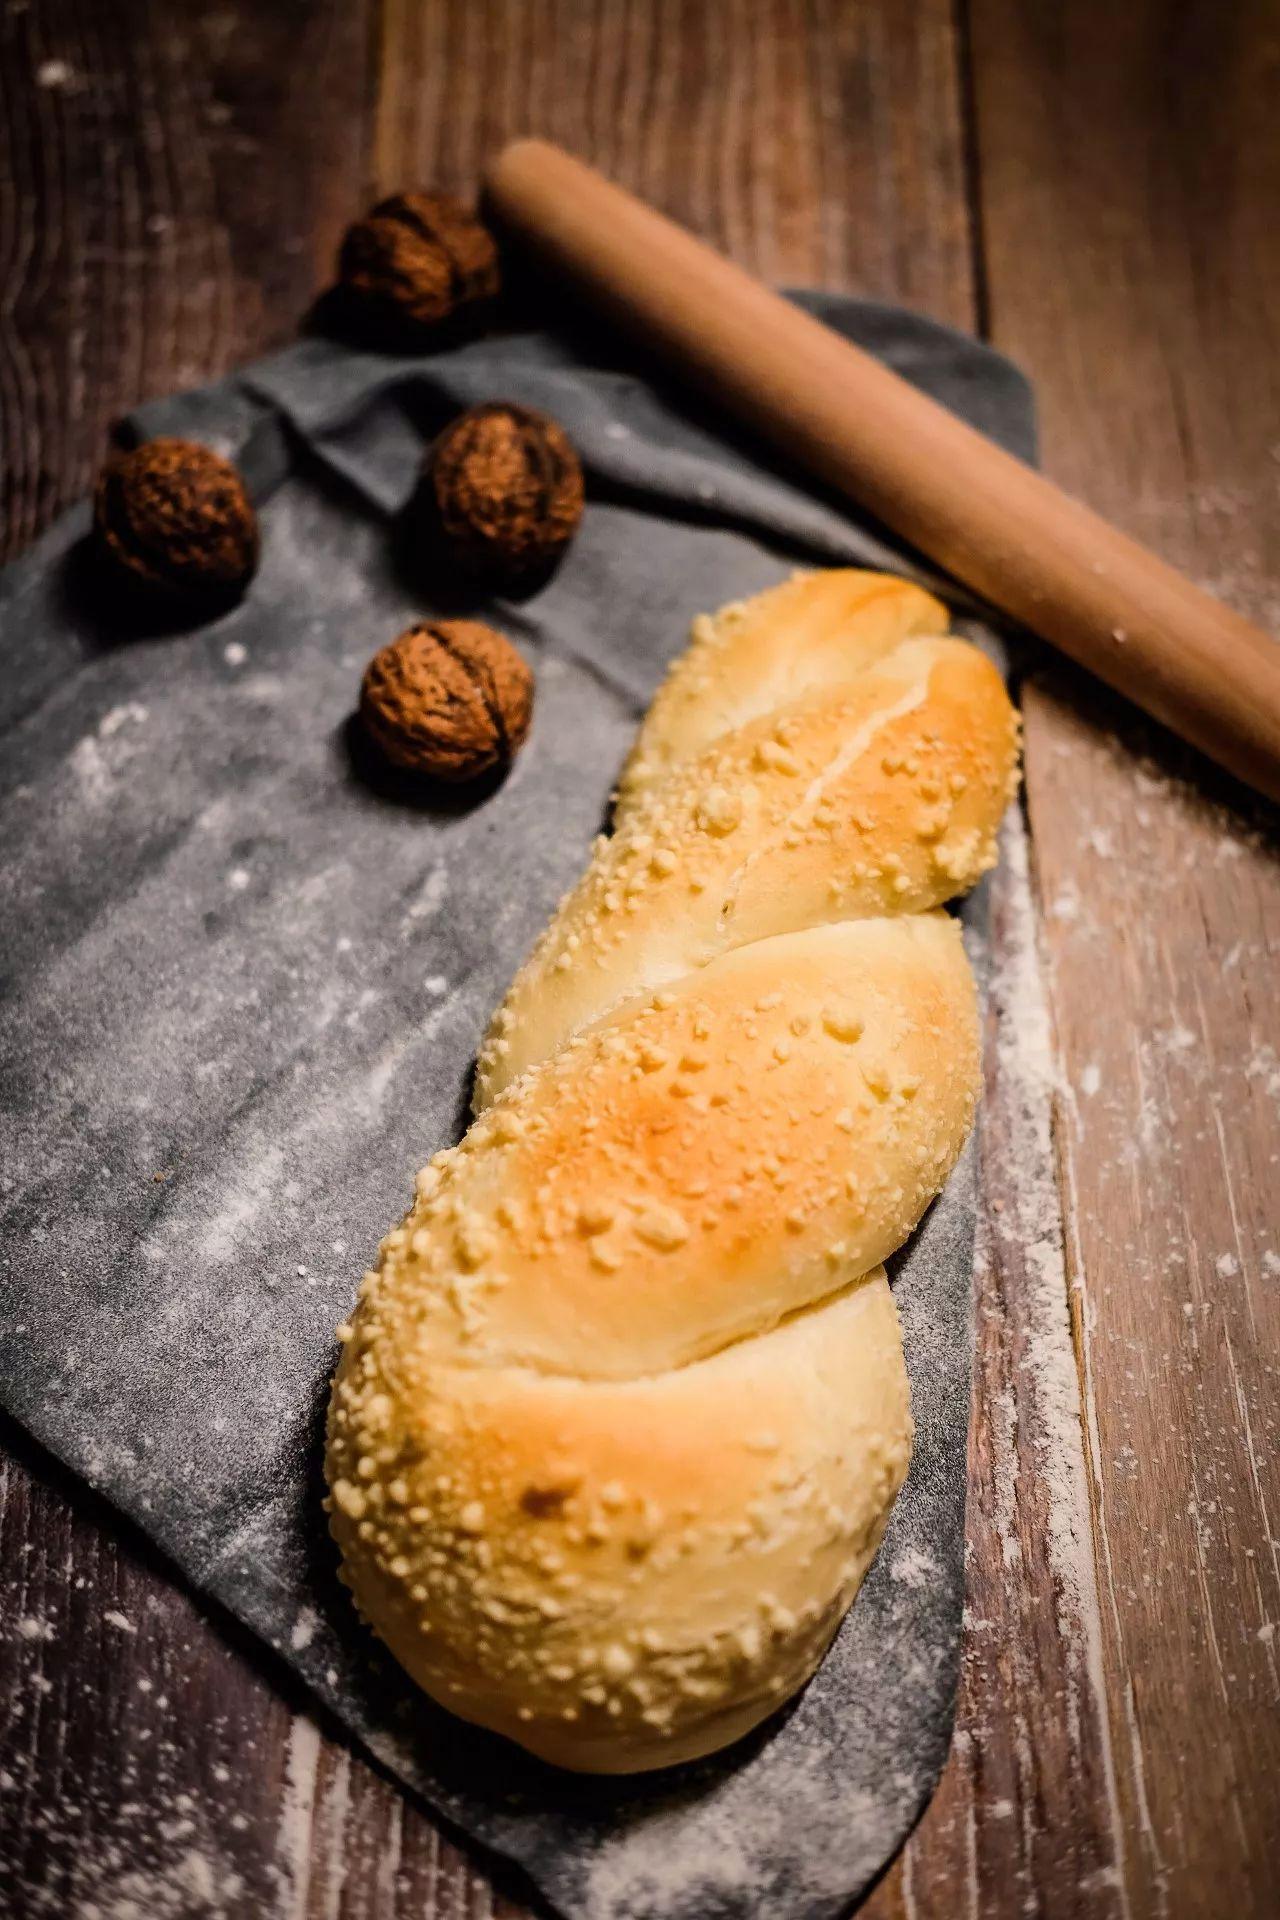 不加一滴油,自制松软的红丝绒面包,无糖吃着更健康